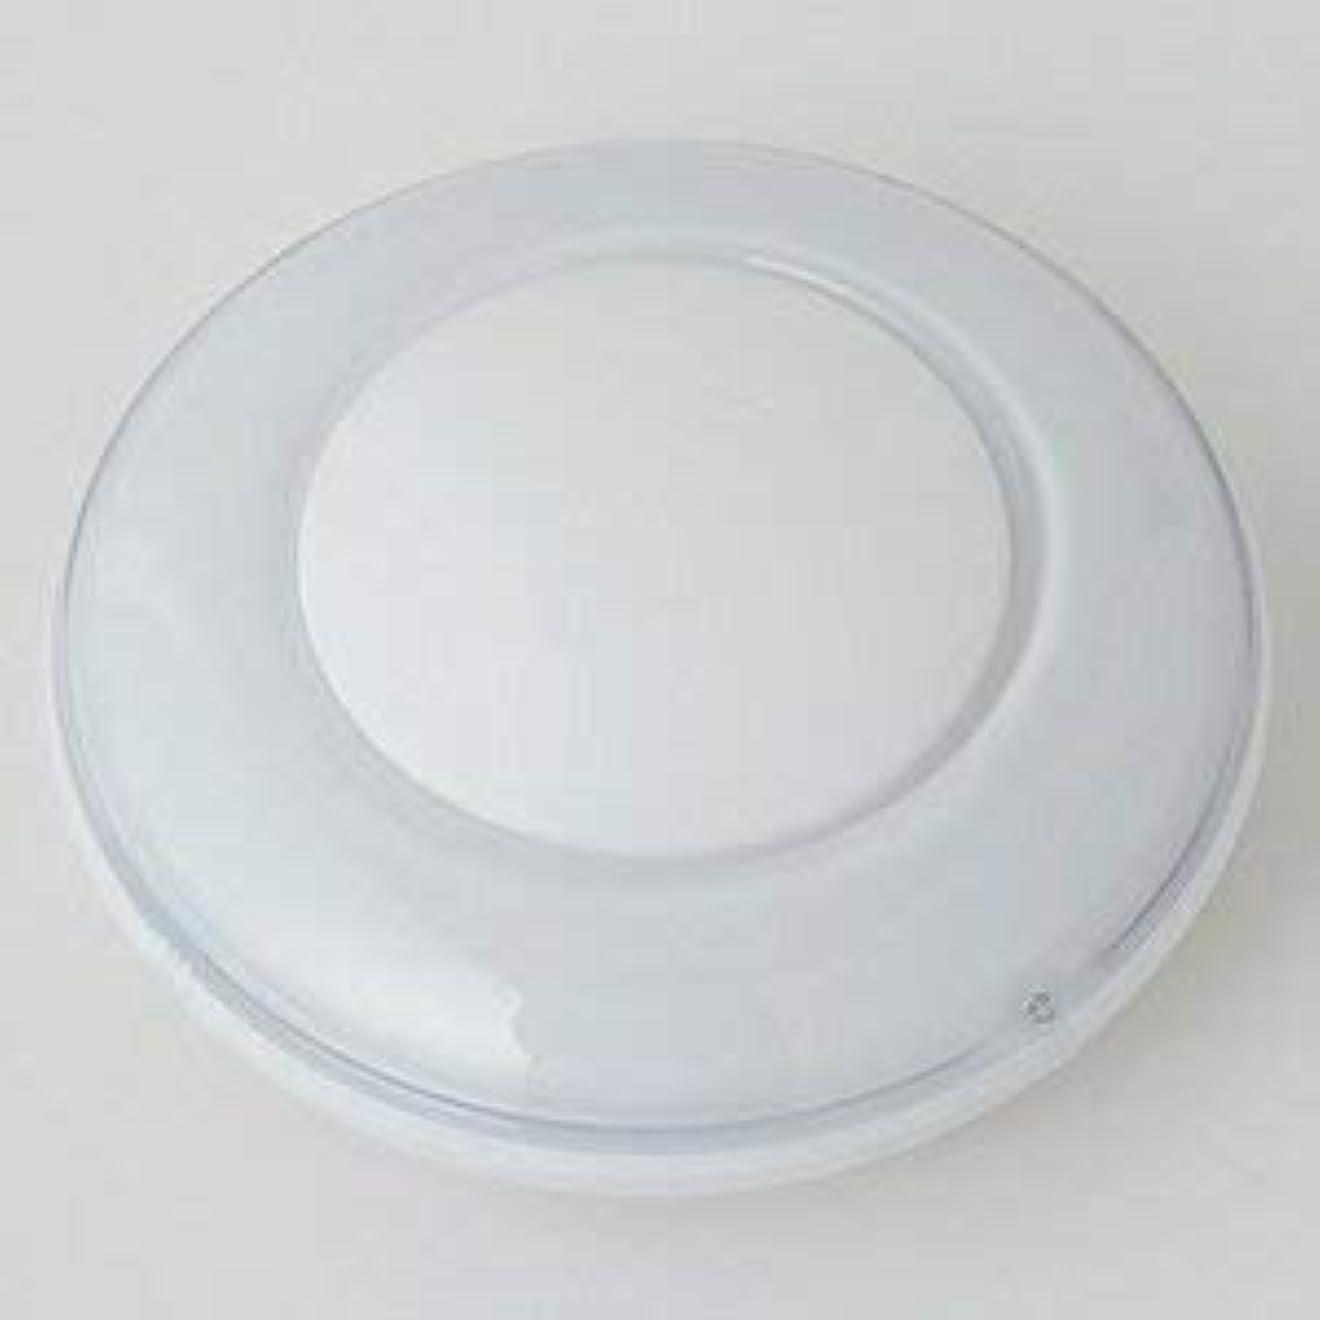 徹底的に支払いモディッシュ電材堂 【ケース販売特価 10台セット】 LEDミニプッシュライト 乾電池式 高輝度白色LED×1灯 ホワイト PR5WDNZ_set